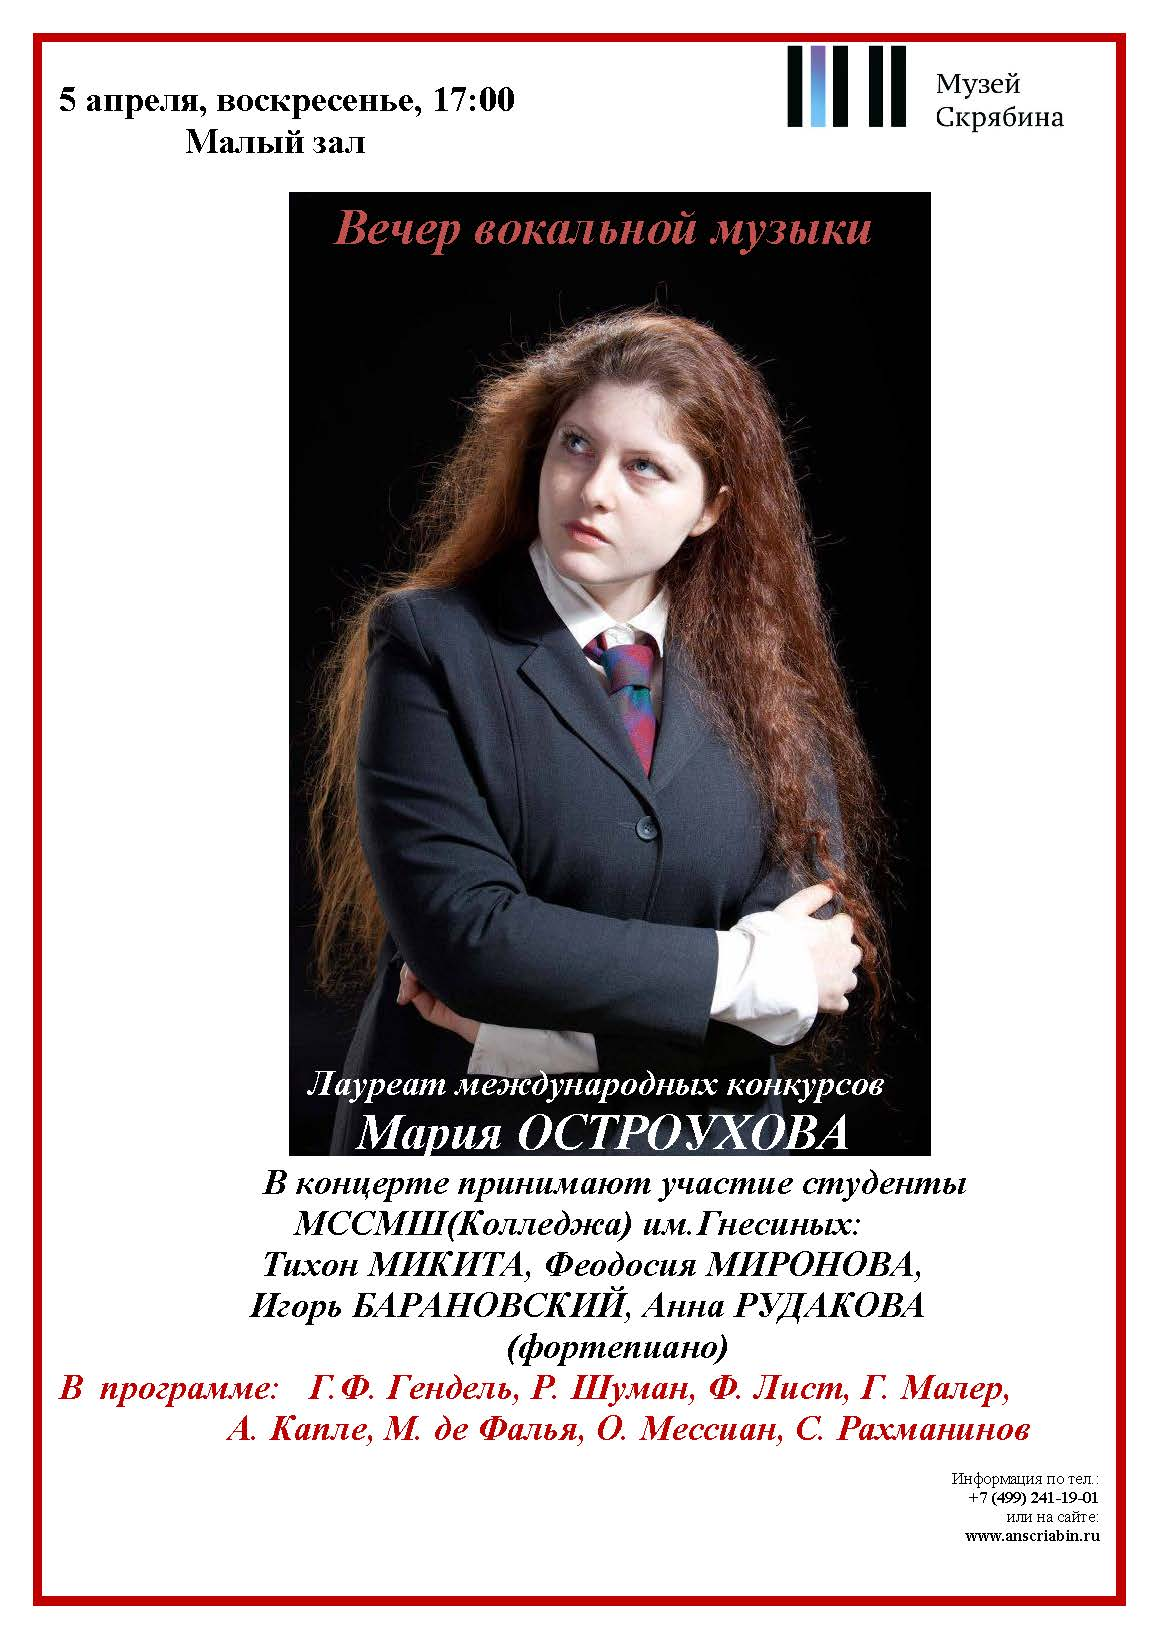 Мария Остроухова выступит в музее Скрябина